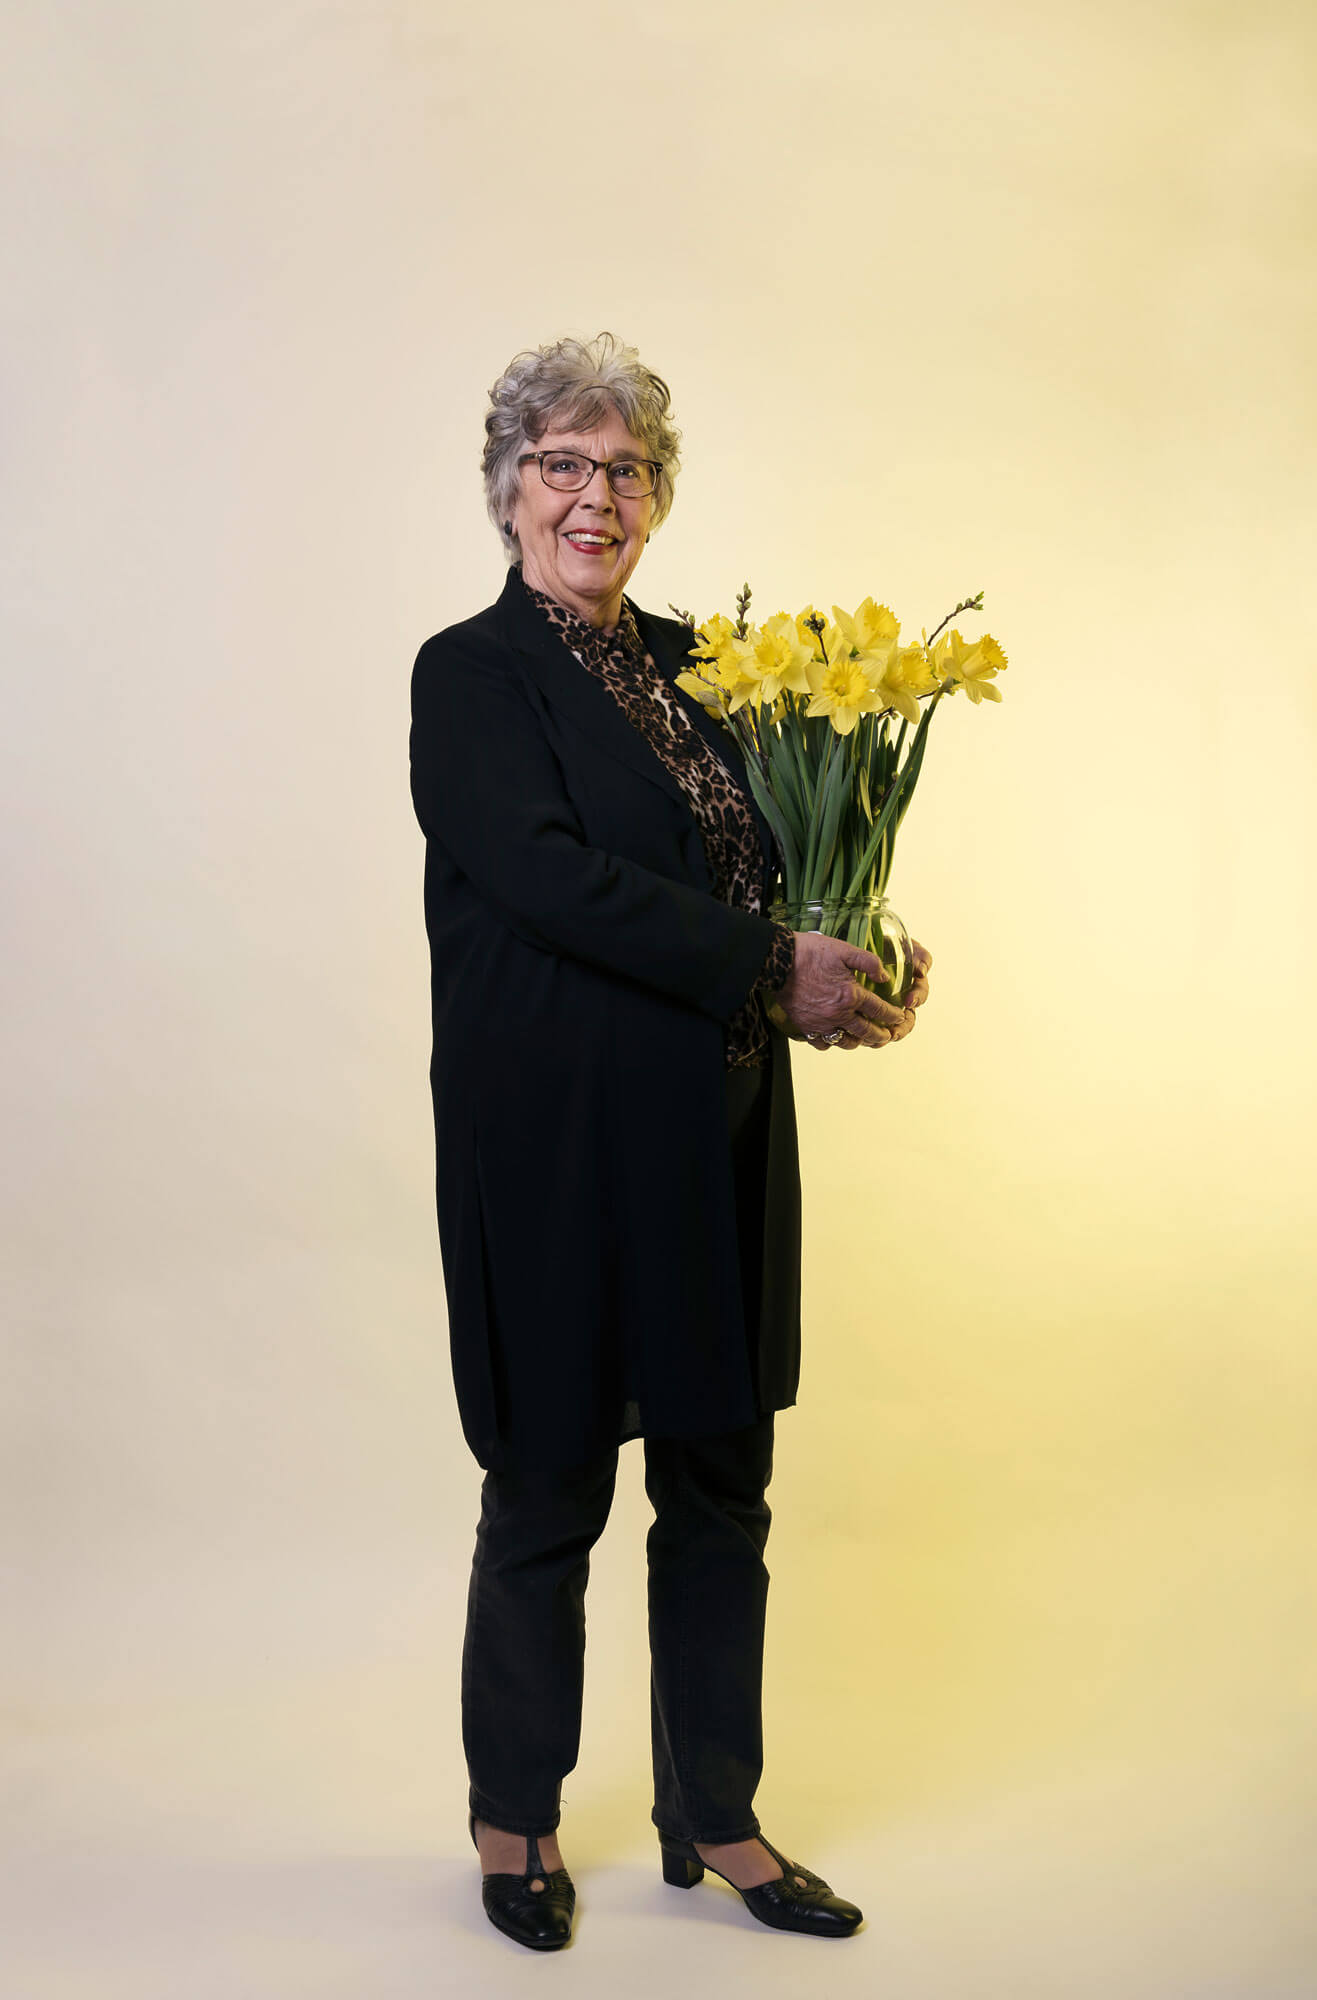 Corrie laat haar favoriete bloemen narcissen zien in een vaas